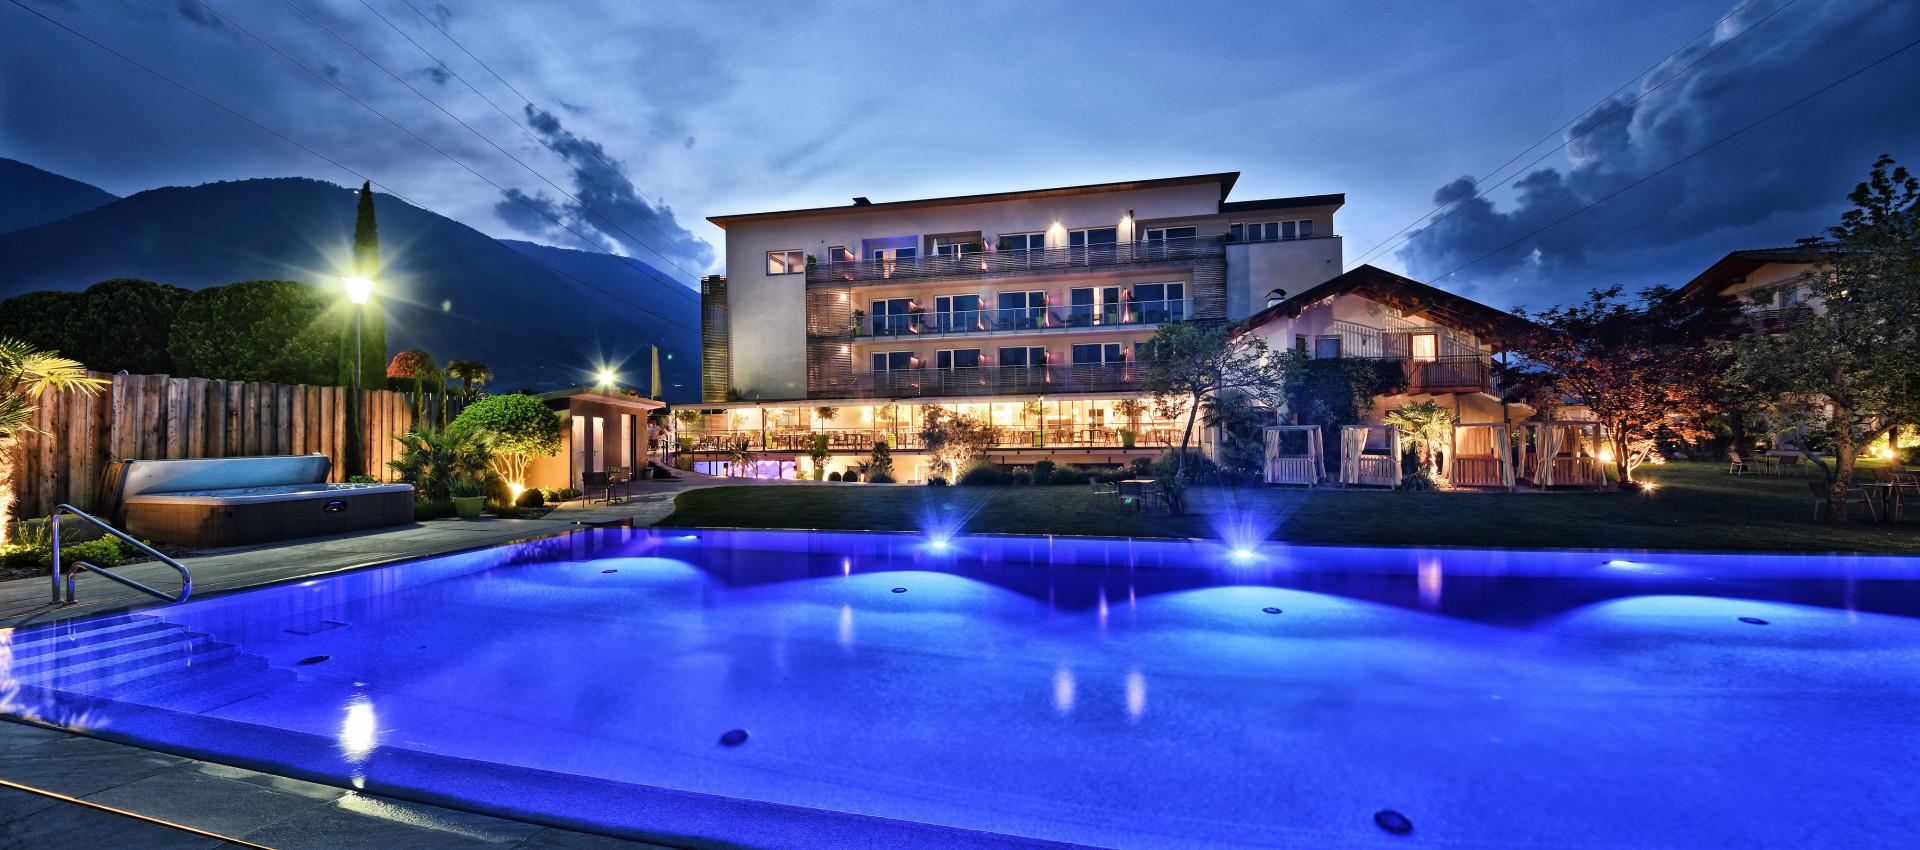 Hotel 4 Sterne, Südtirol outdoor pool